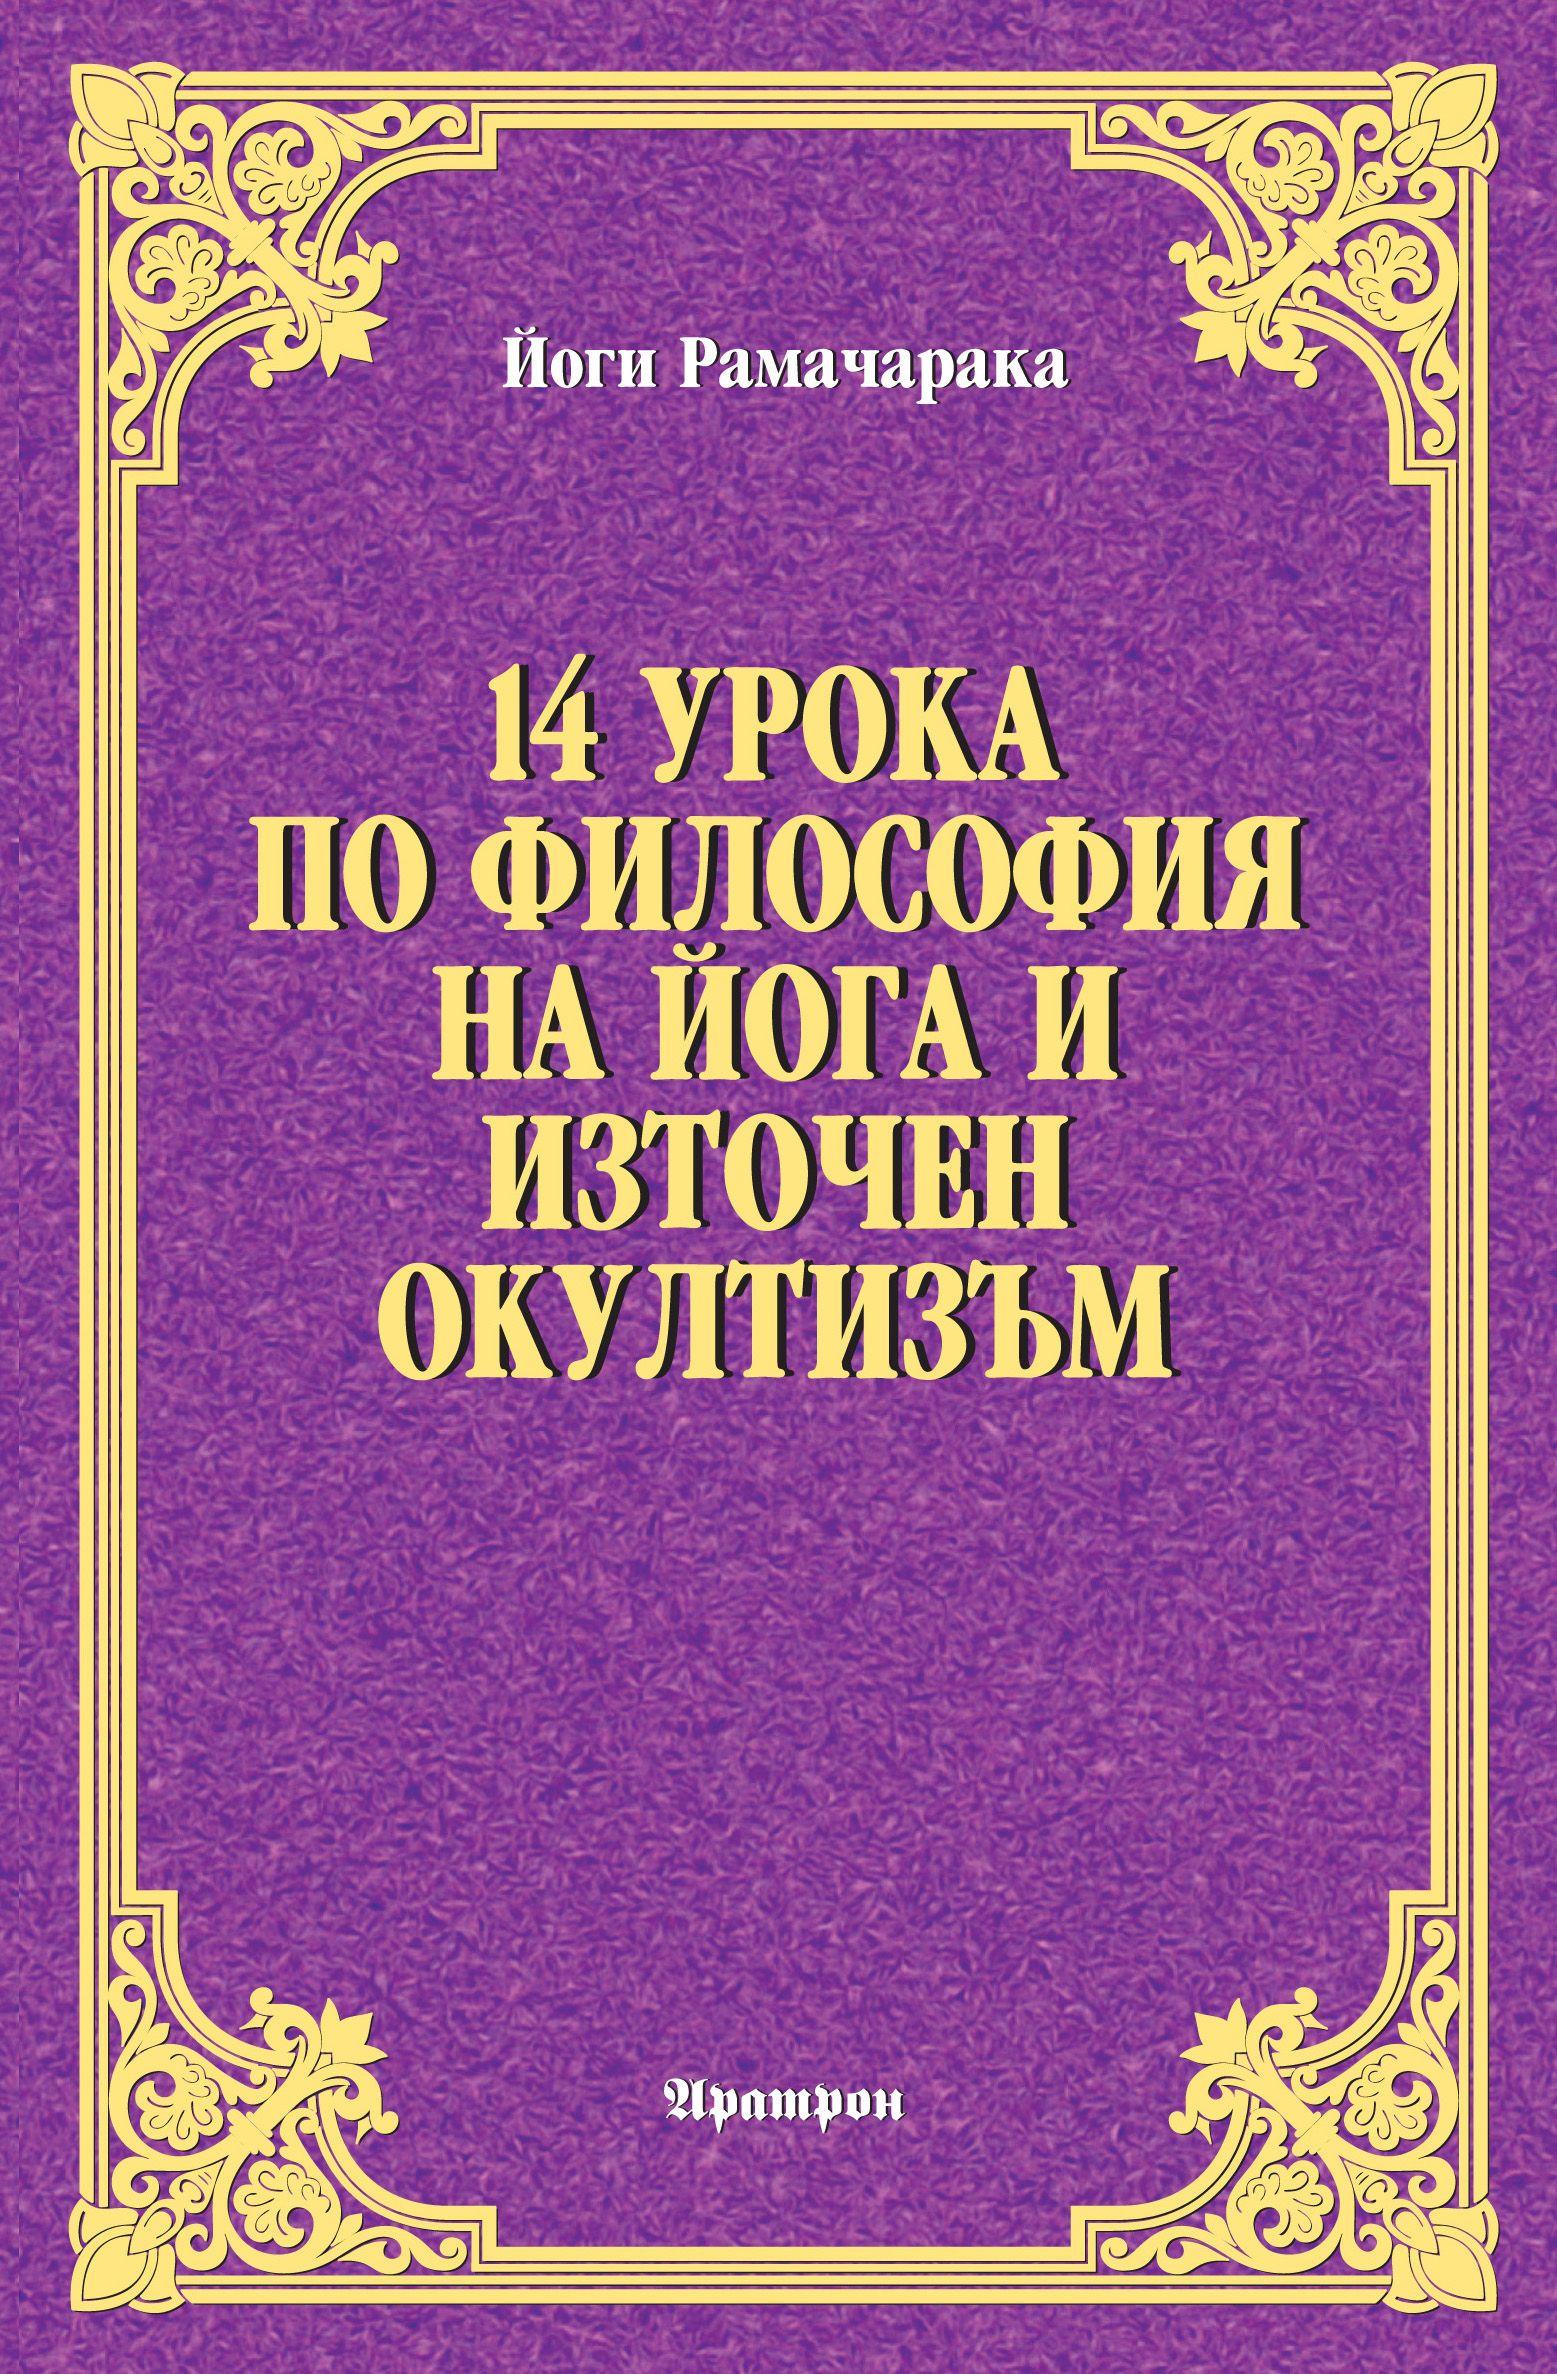 14 урока по философия на йога и източен окултизъм - 1